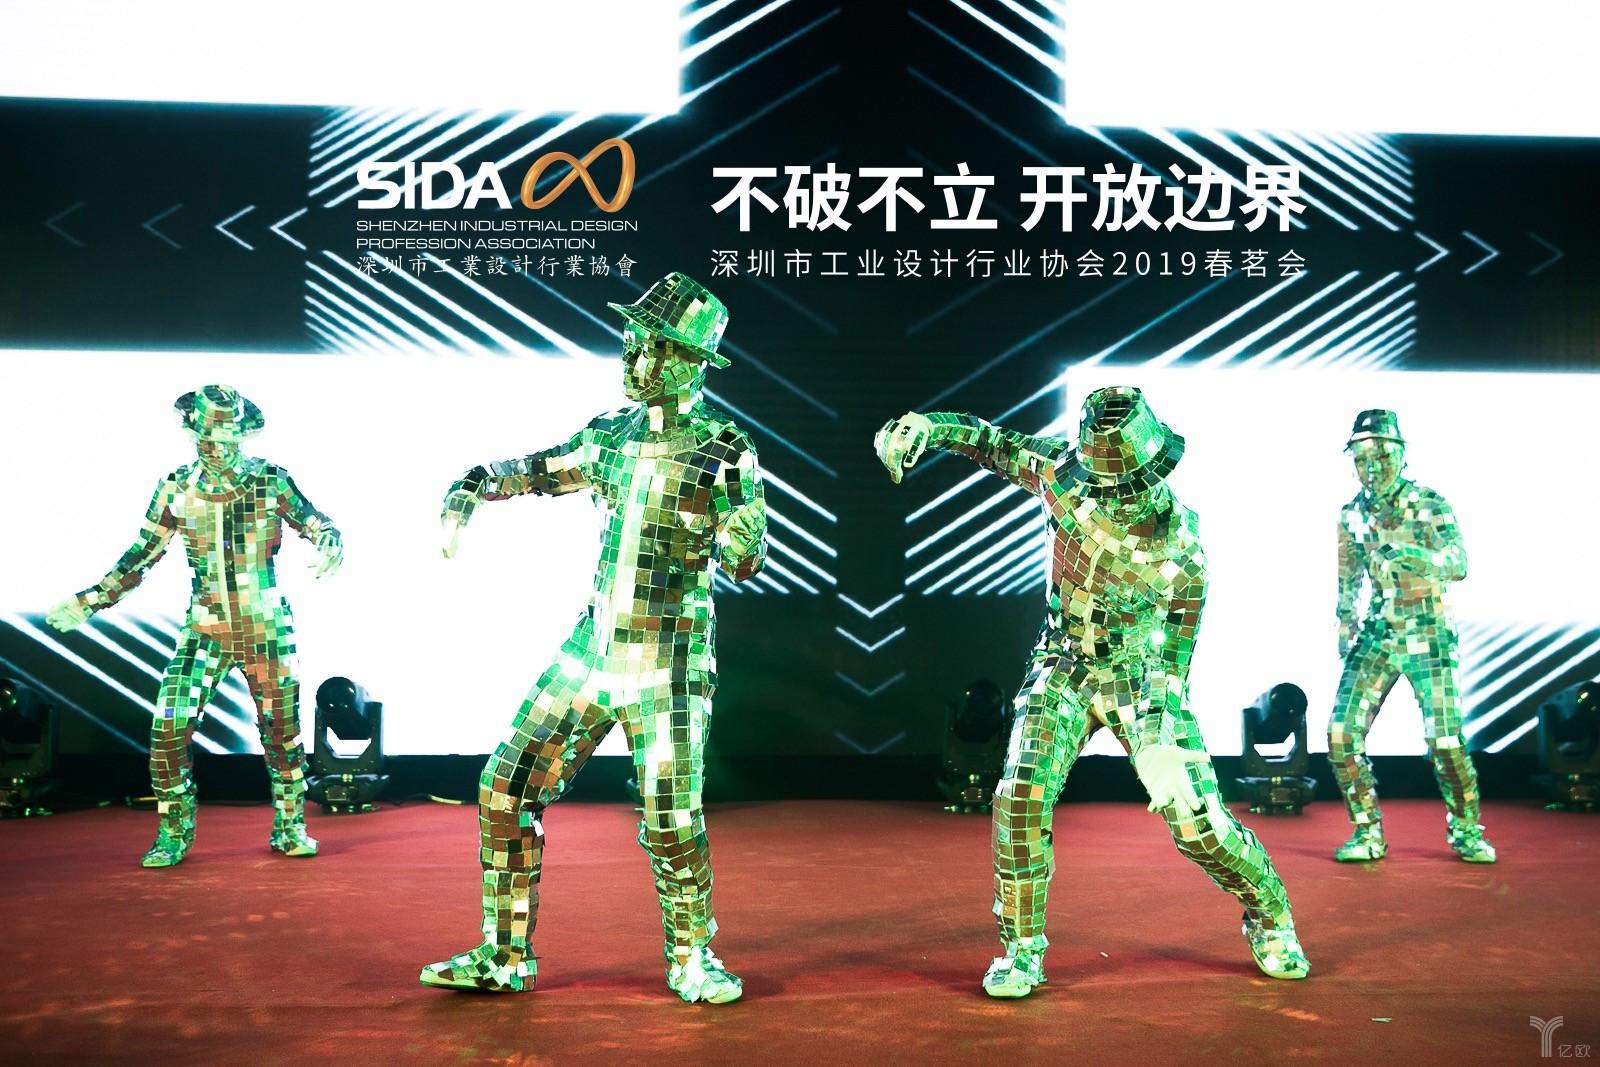 不破不立,开放边界!深圳市工业设计行业协会十周年大讨论